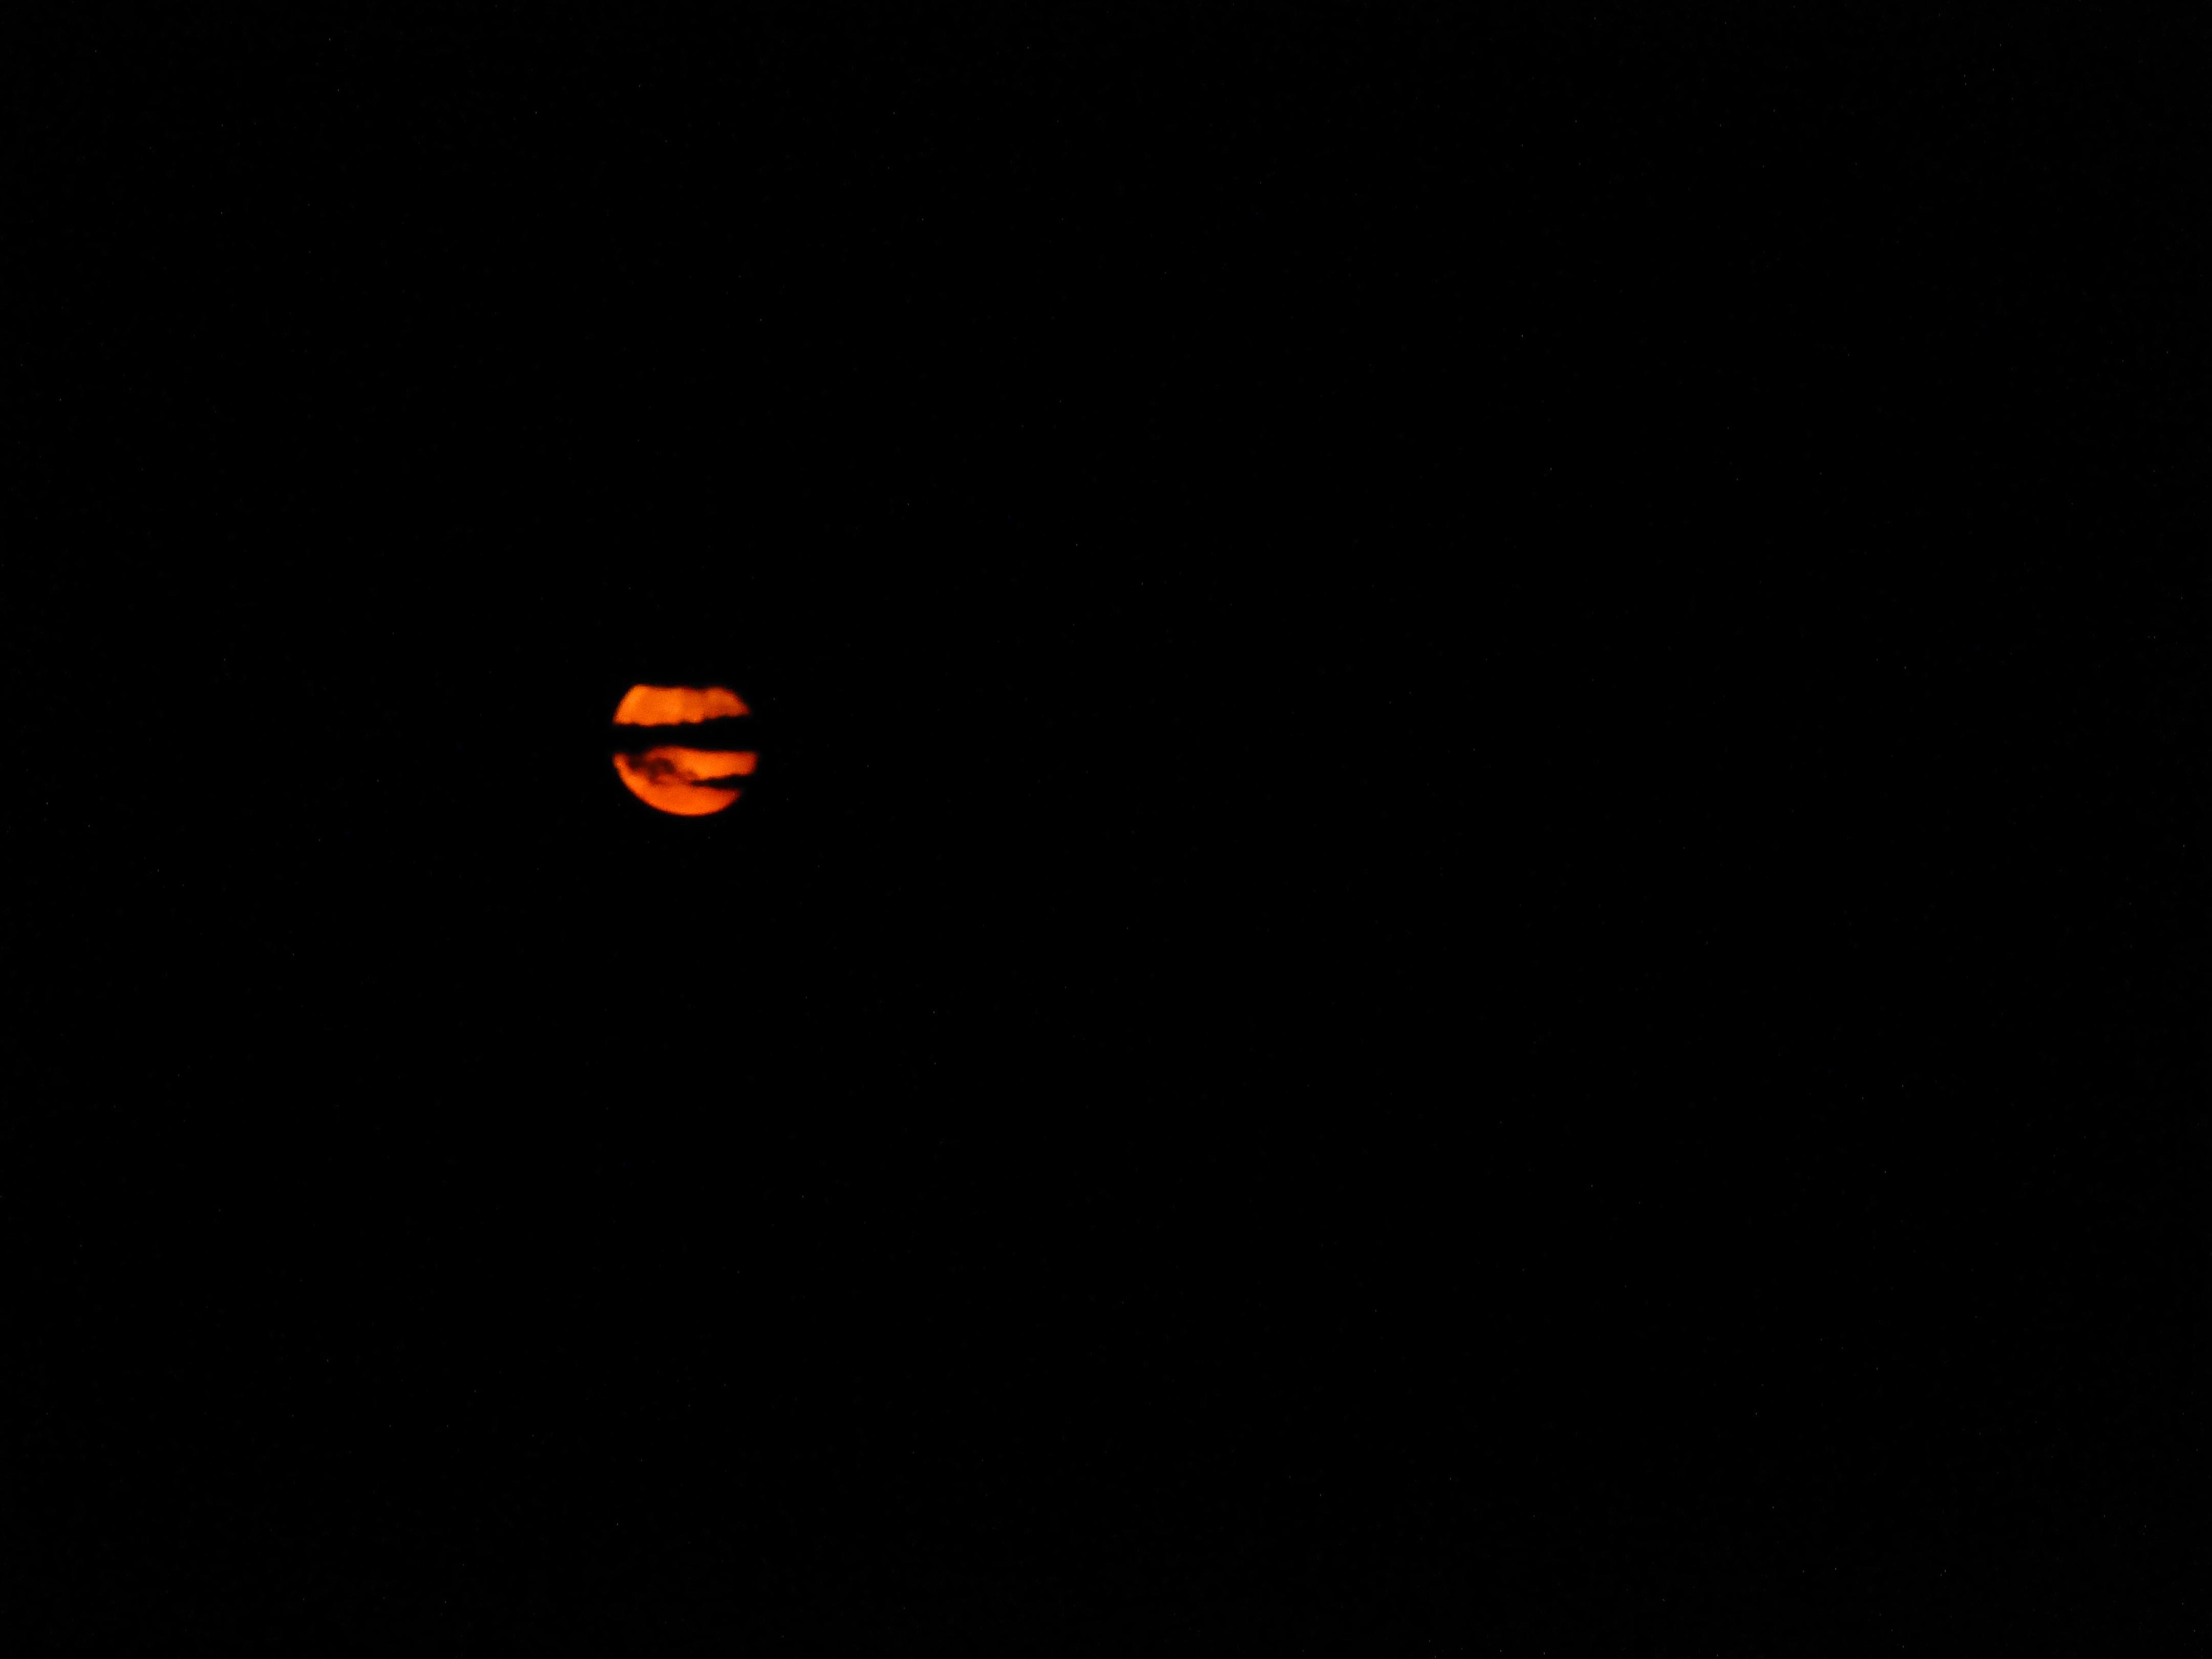 16969 скачать обои Фон, Ночь, Луна - заставки и картинки бесплатно